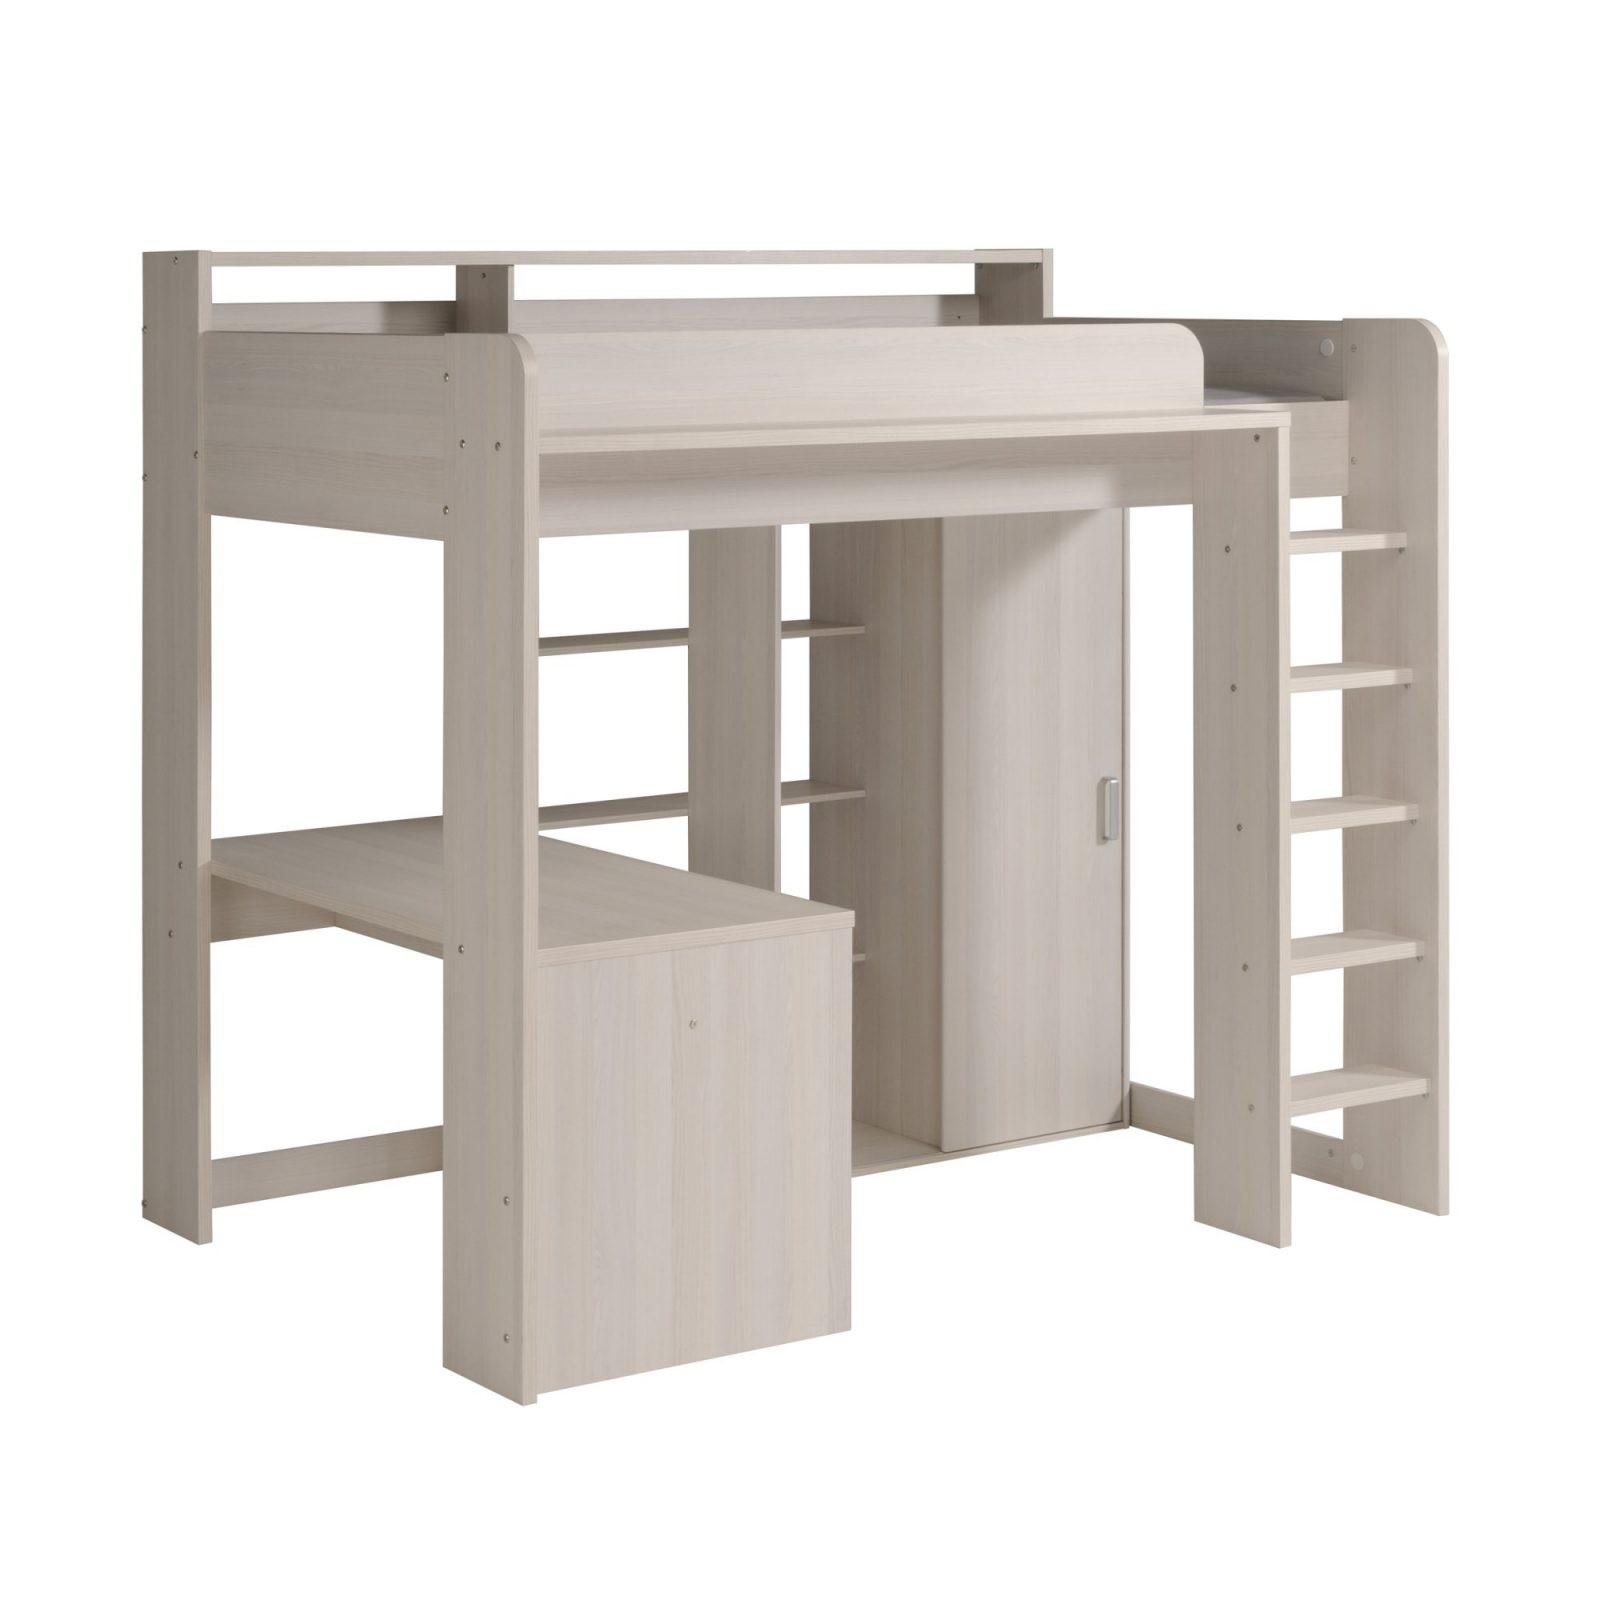 90X200 Hochbett Inkl Integrierter Schreibtisch U Schrank Higher 1B von Schrank Mit Integriertem Schreibtisch Bild